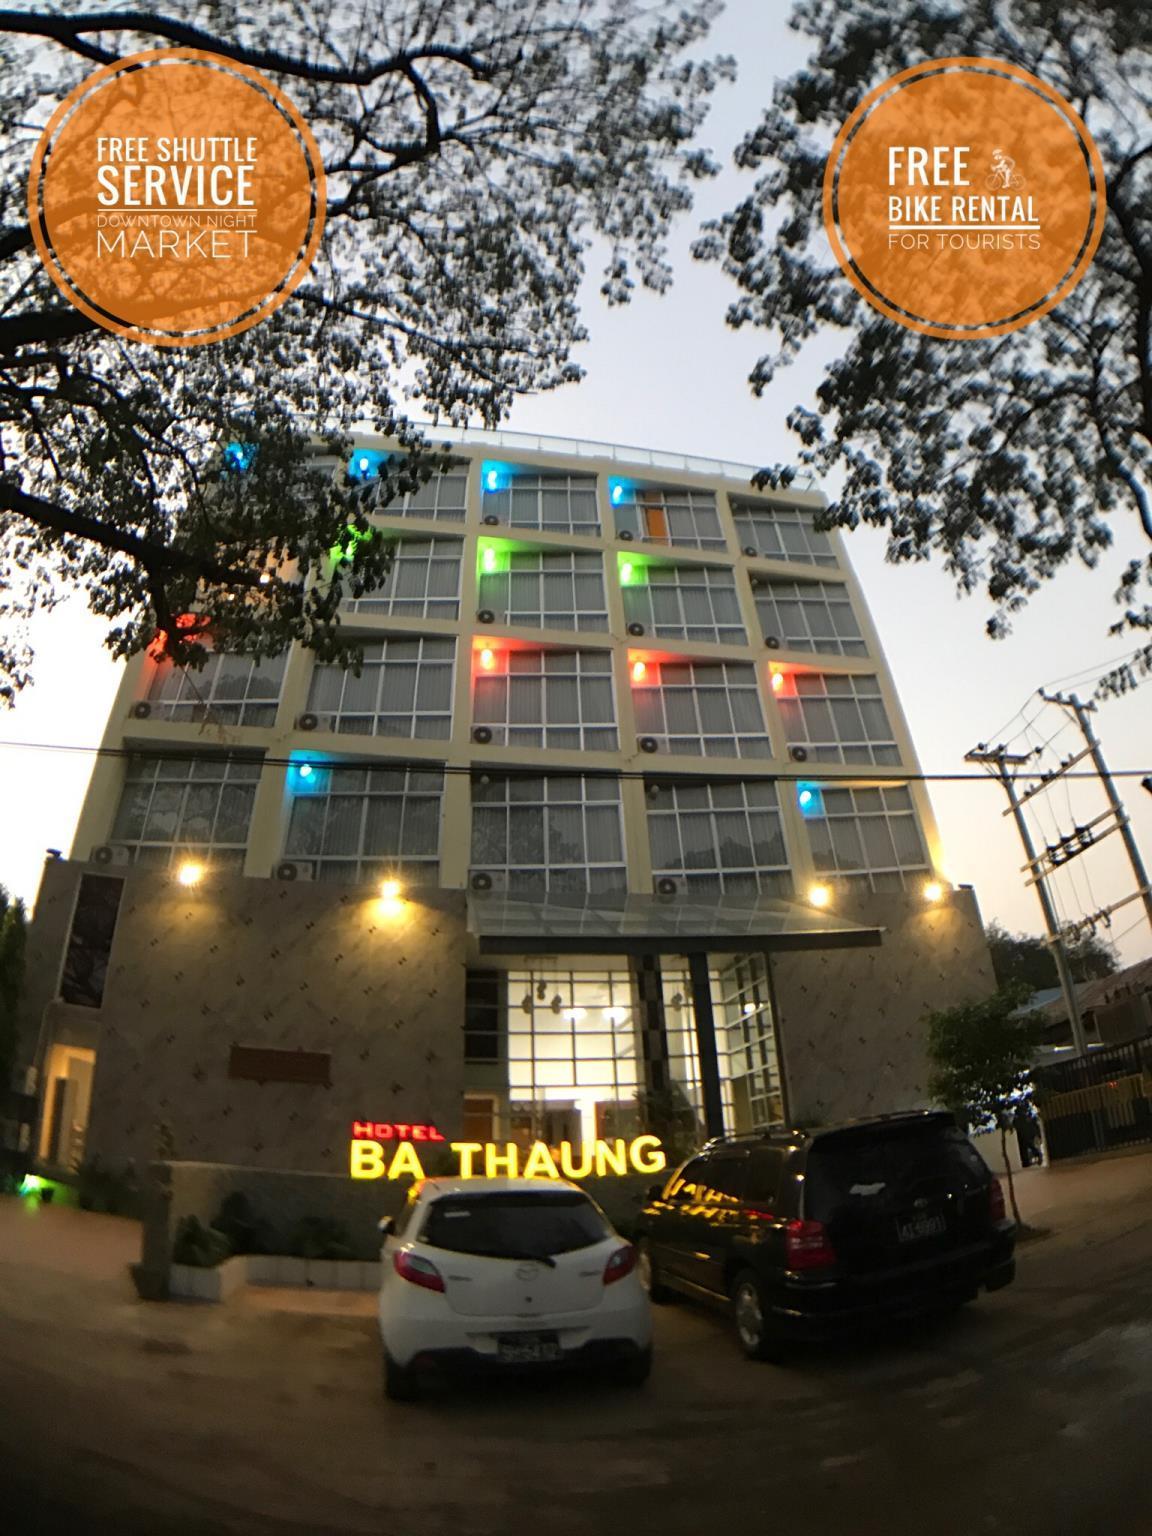 Hotel Ba Thaung